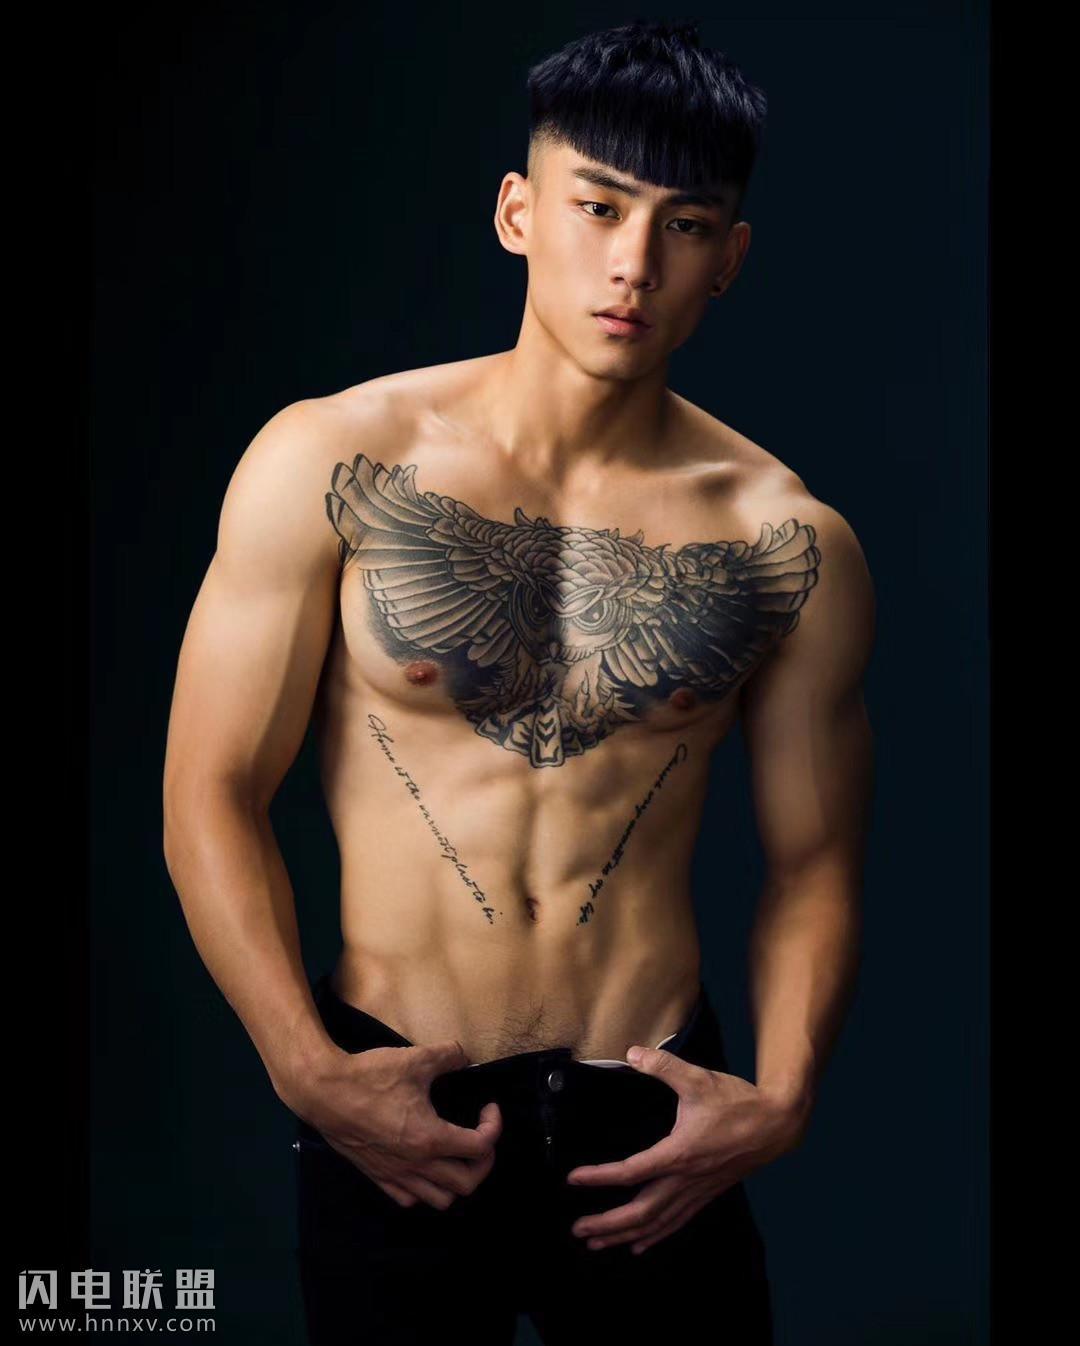 肌肉纹身帅哥张晏廷写真照片